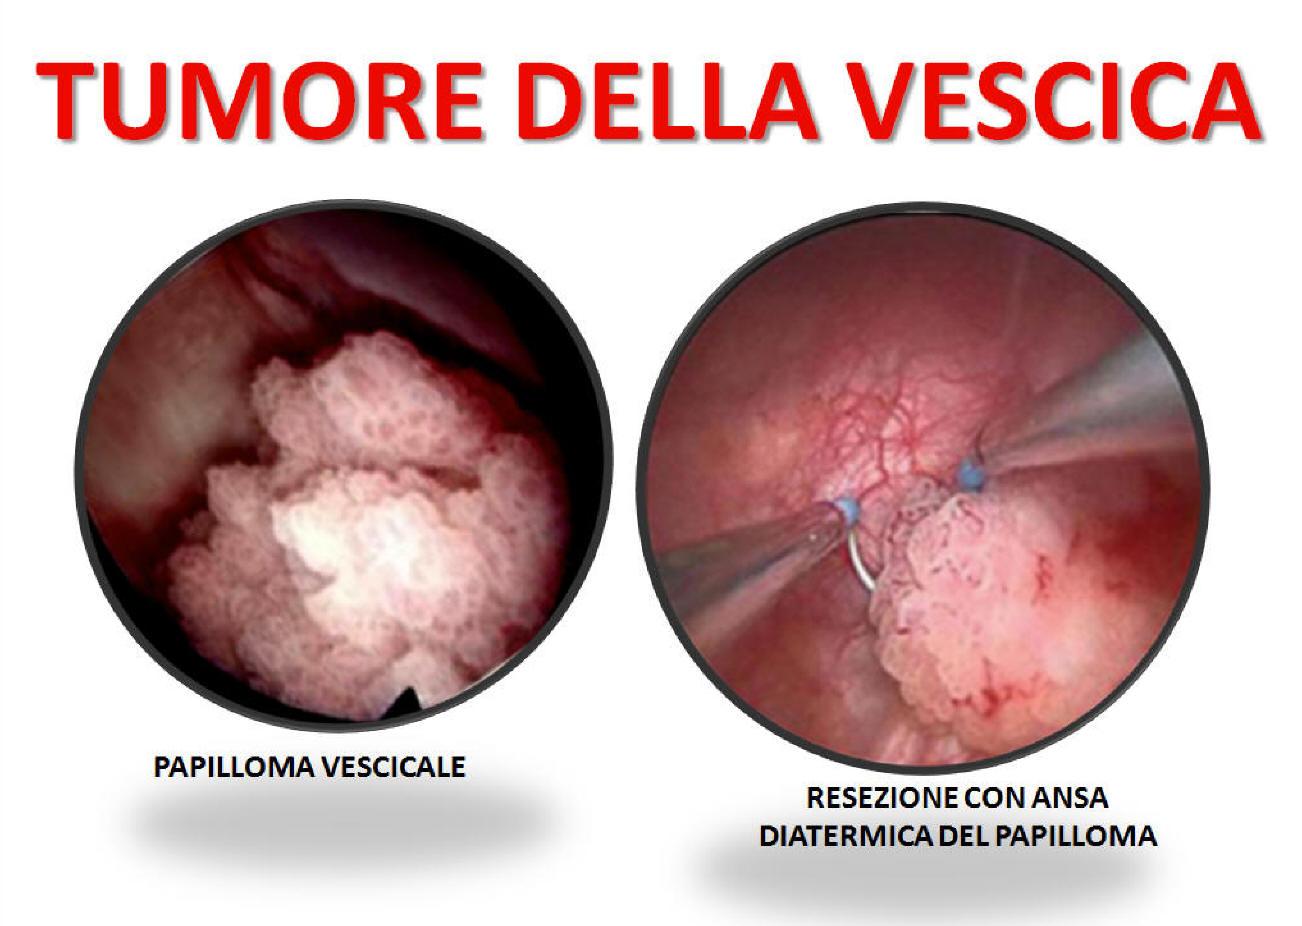 papilloma tumore vescica)